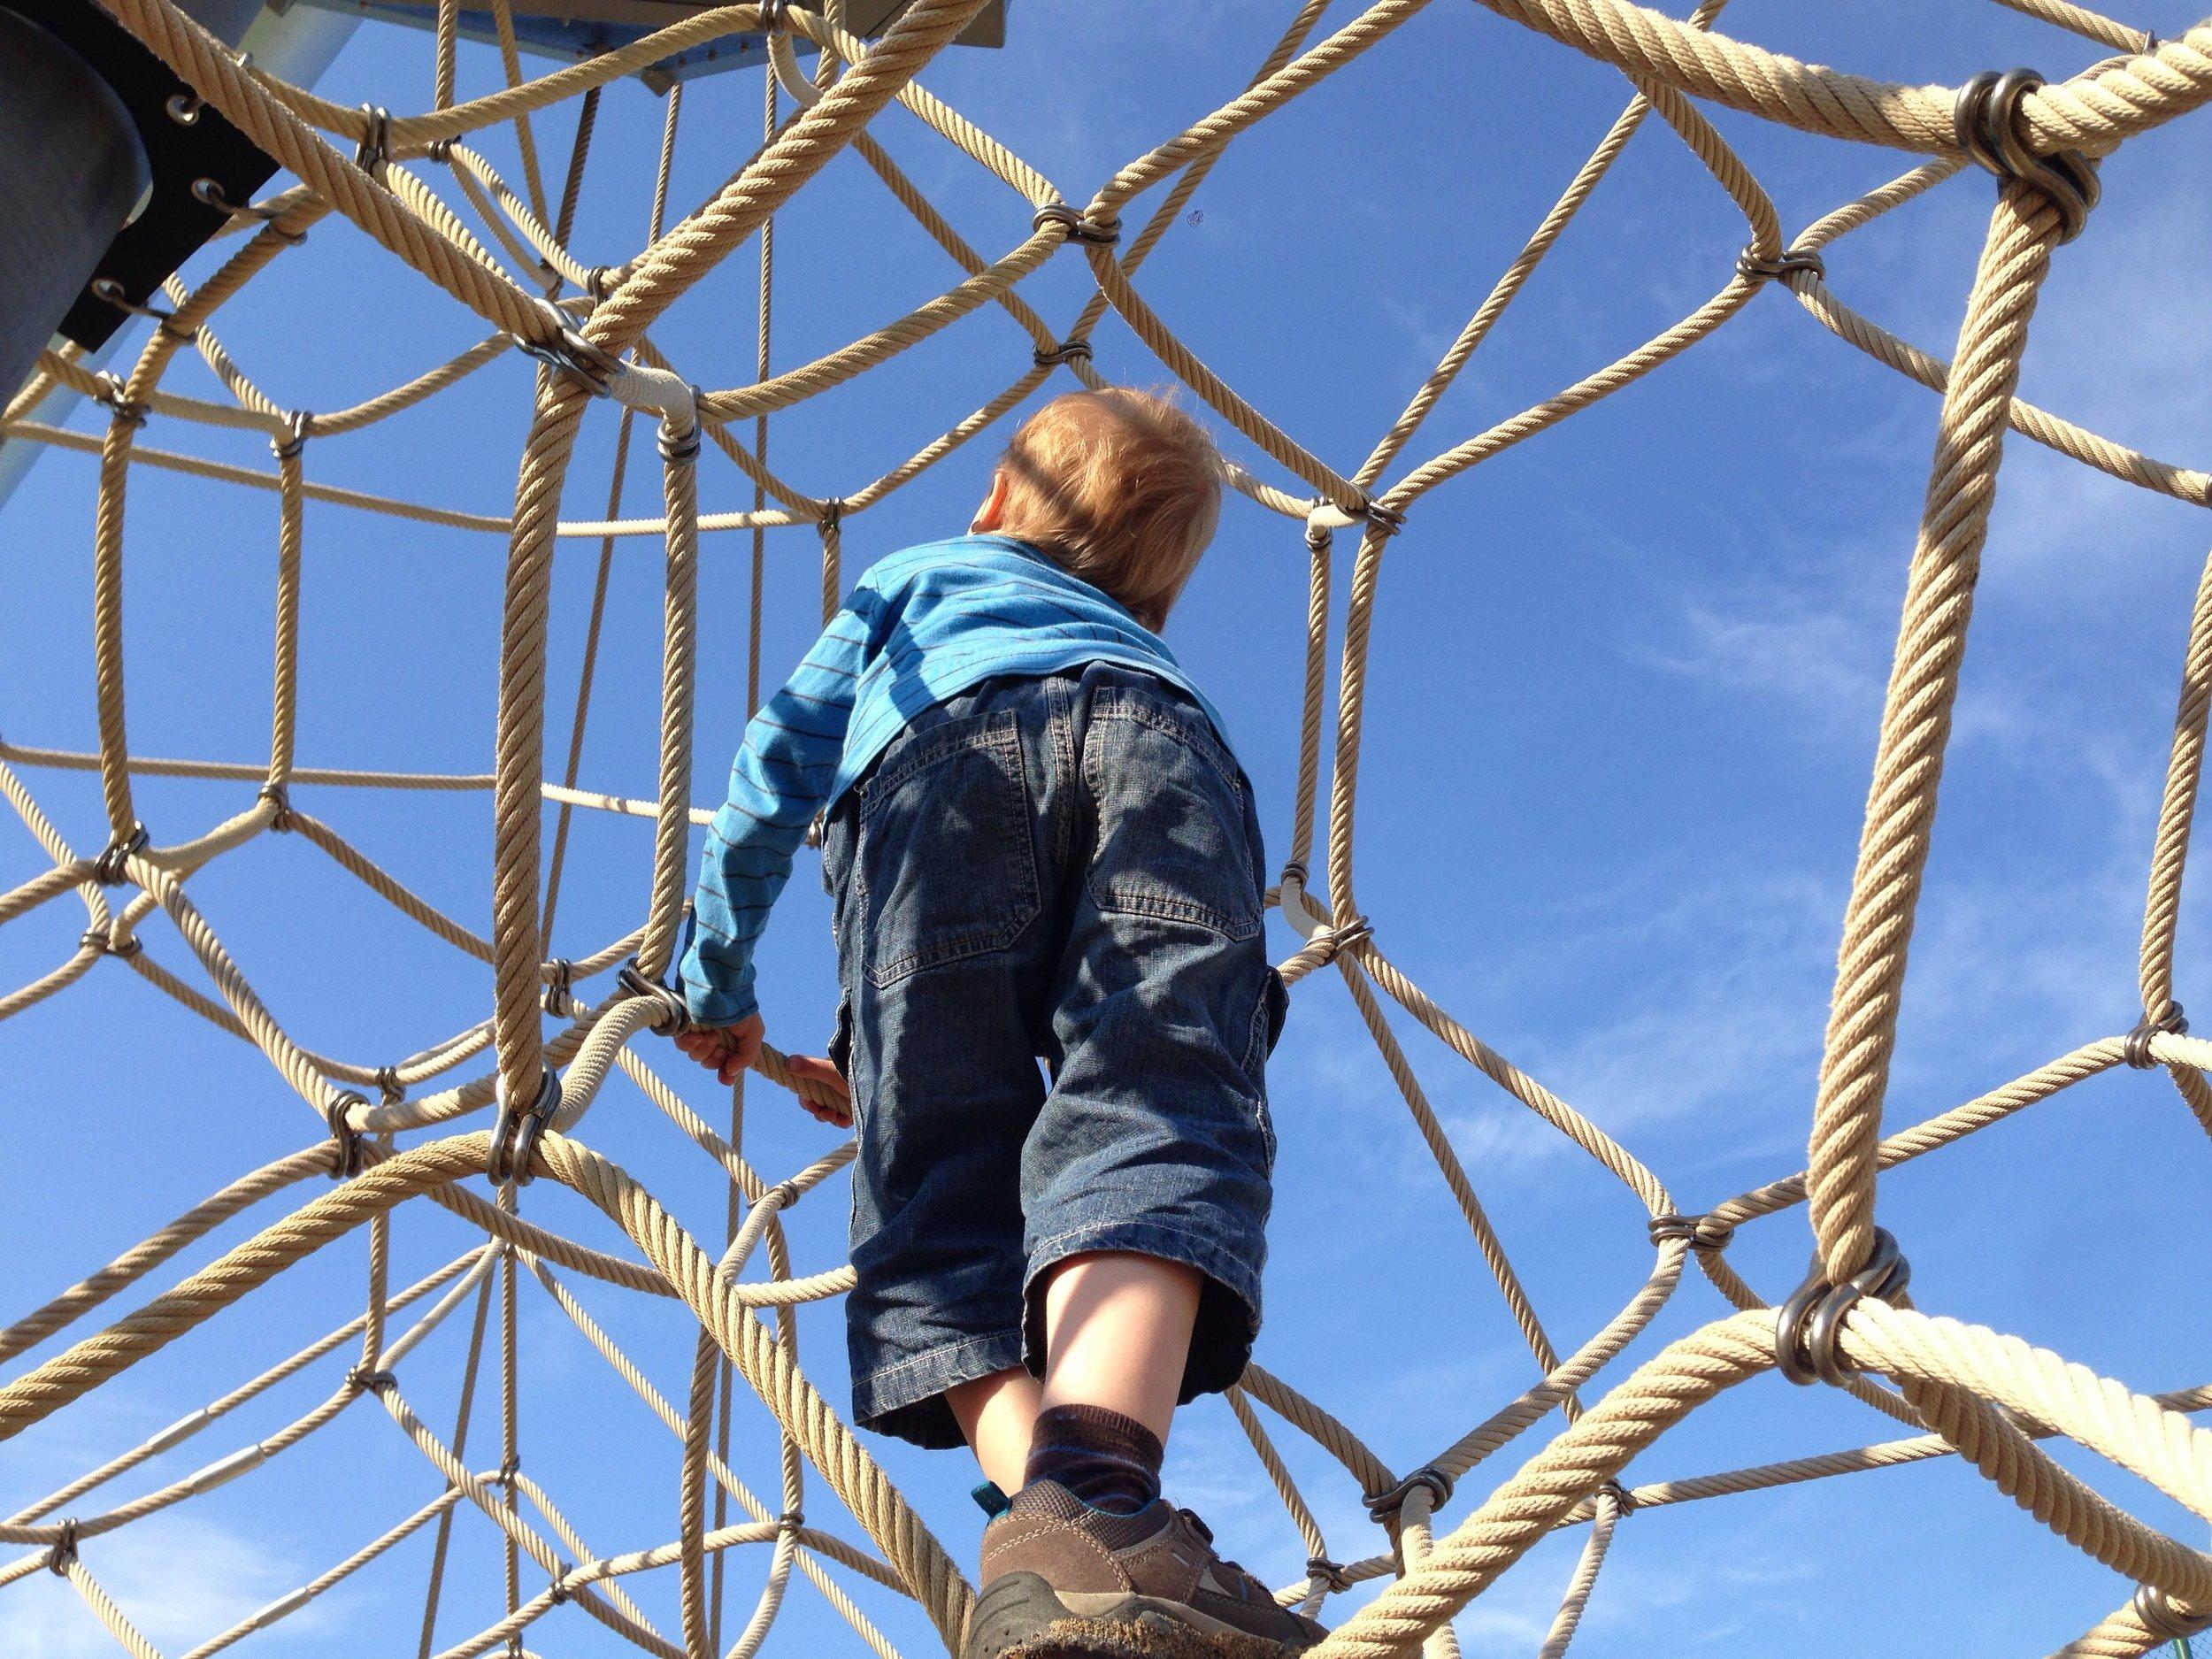 junge auf klettergerst